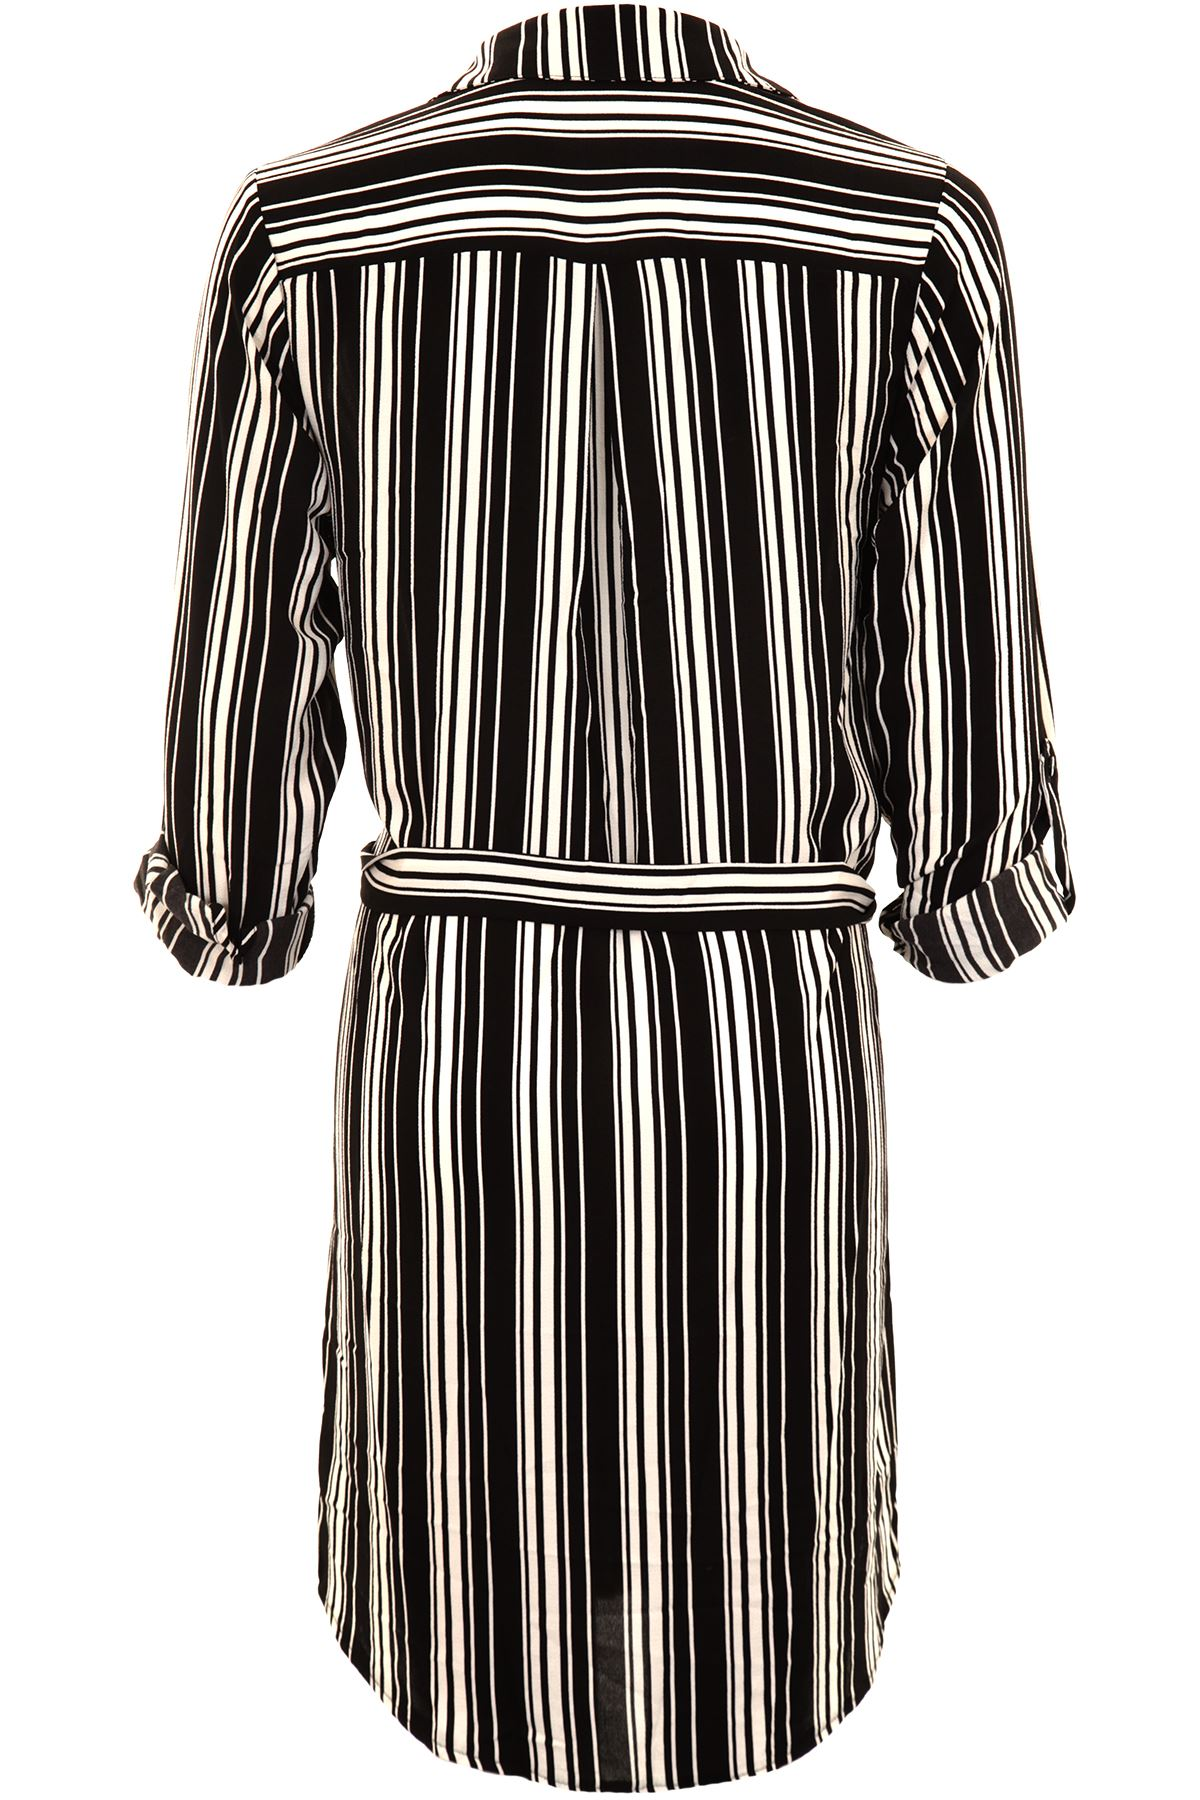 Onorevoli presentarsi manica STRIPE laccio in vita chiffon LAMINATA Blusa Camicia Lunga Tunica Top